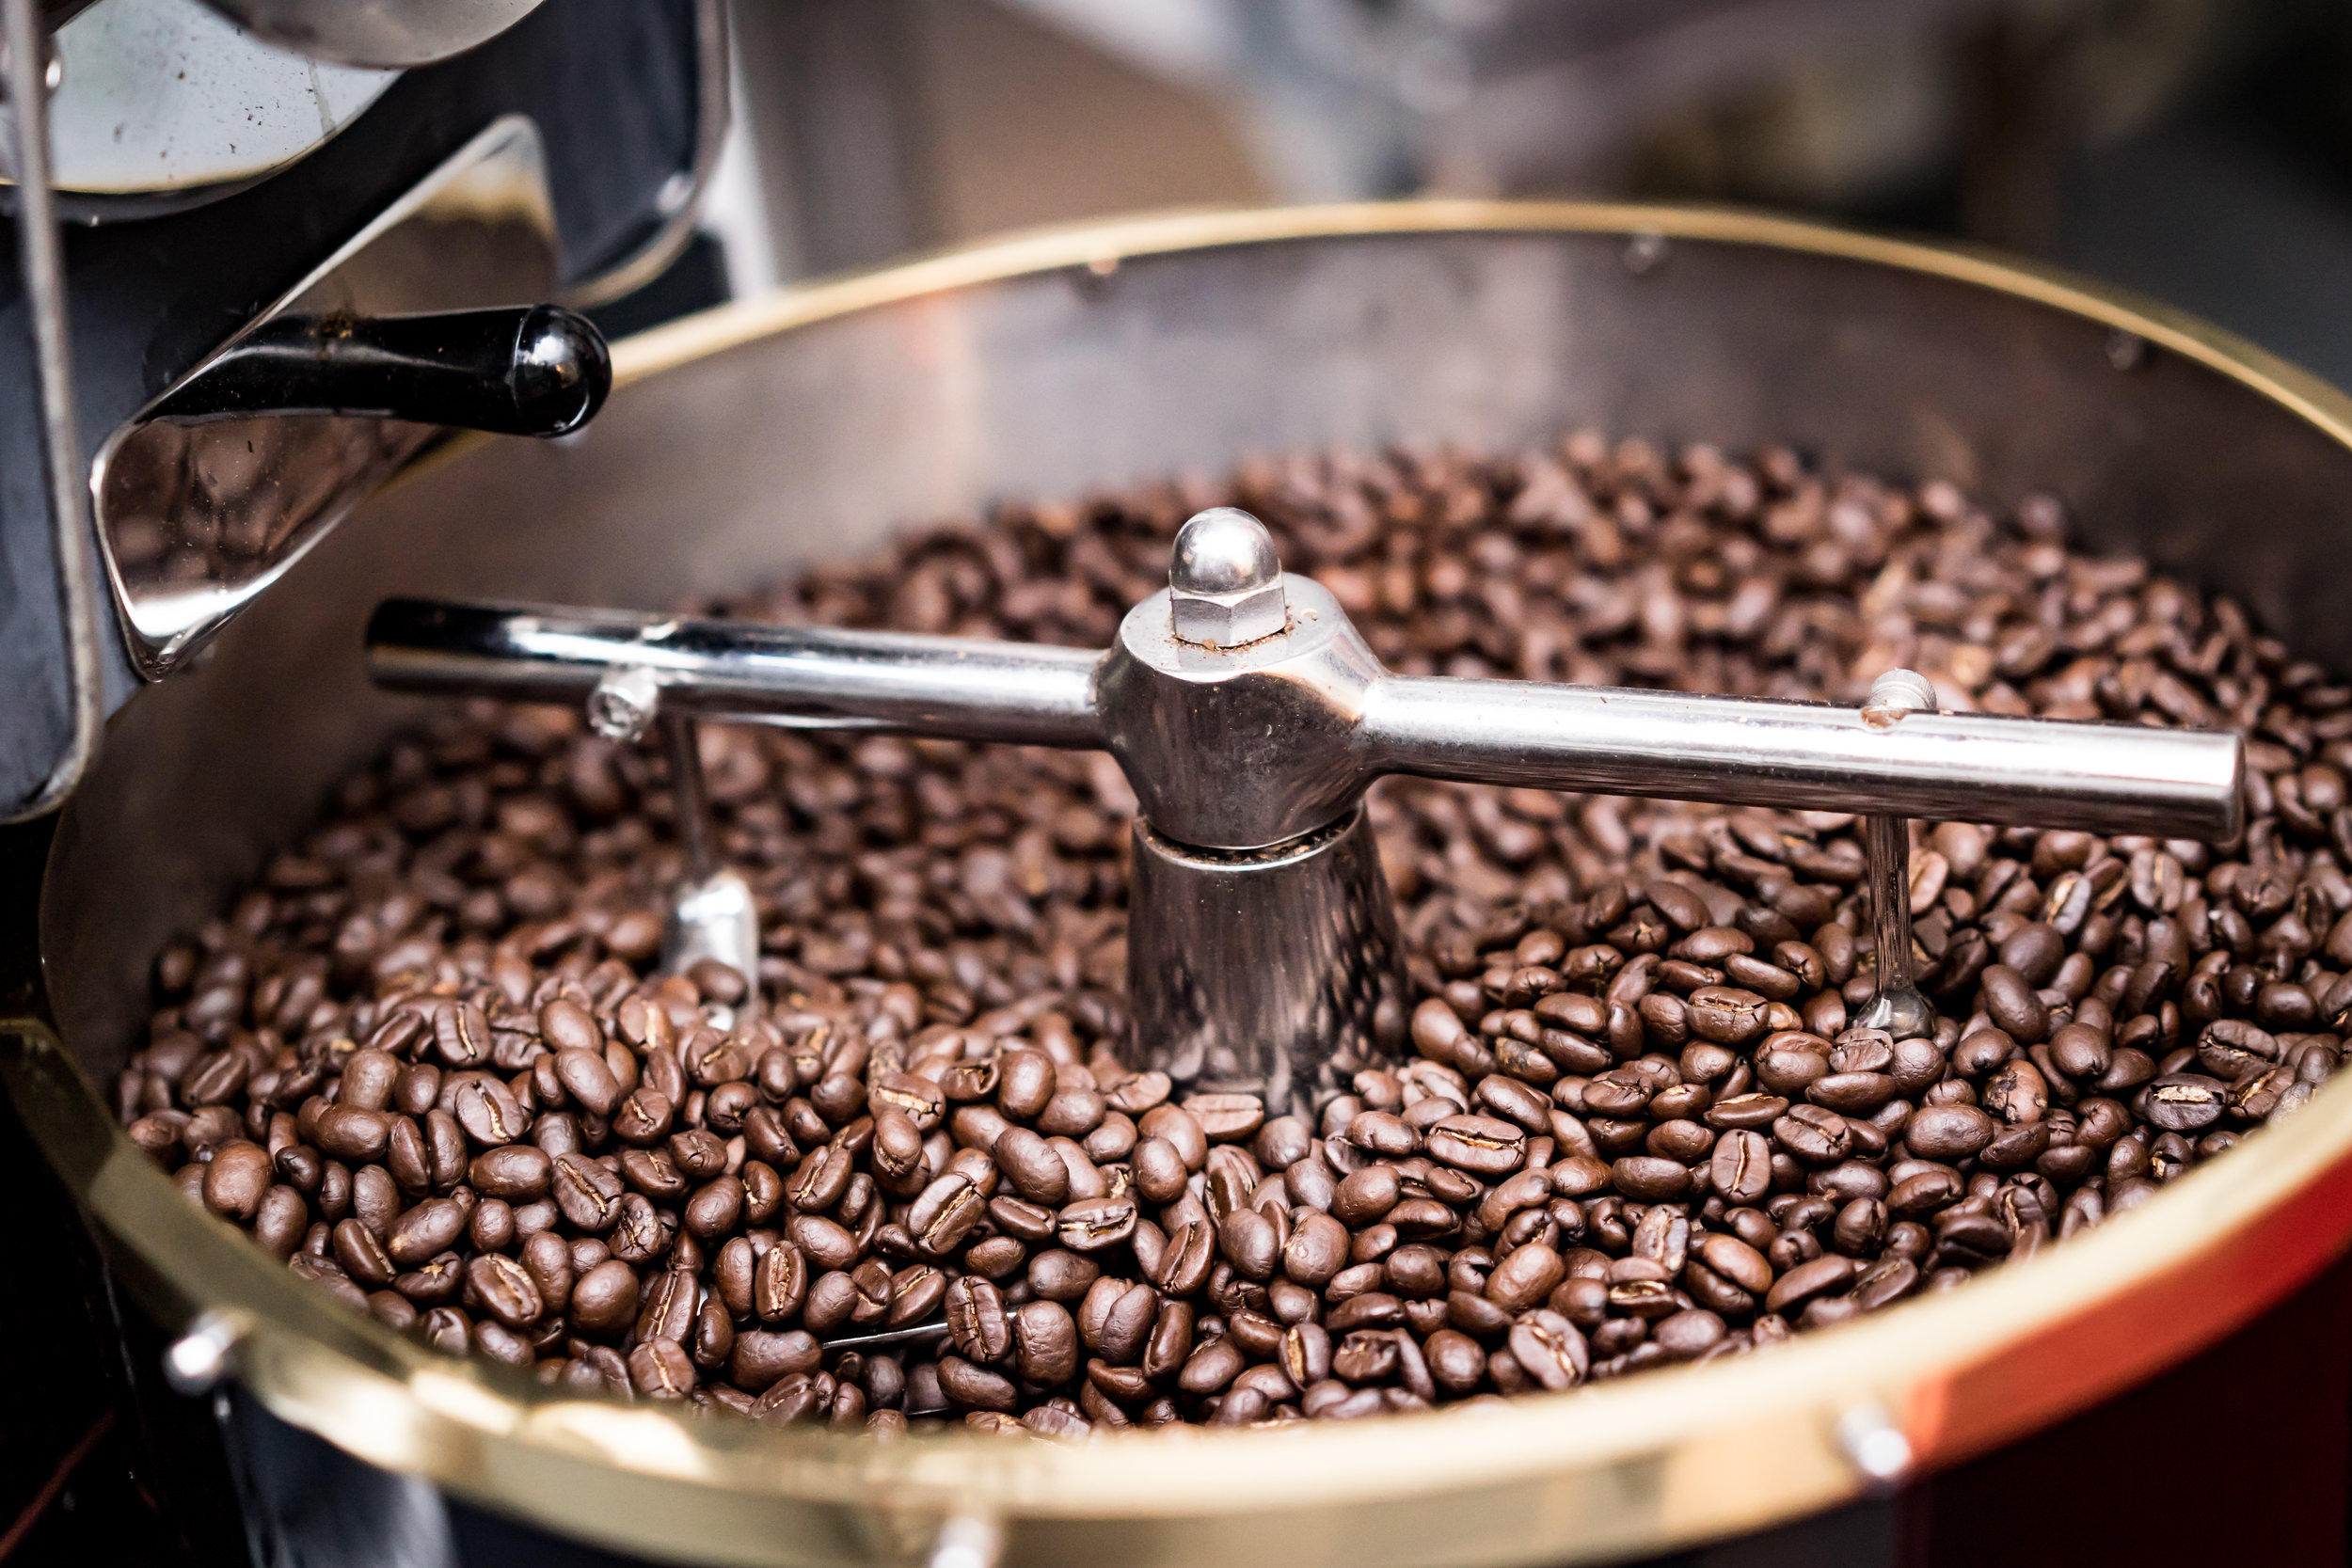 Flamjeaux Coffee roasting beans